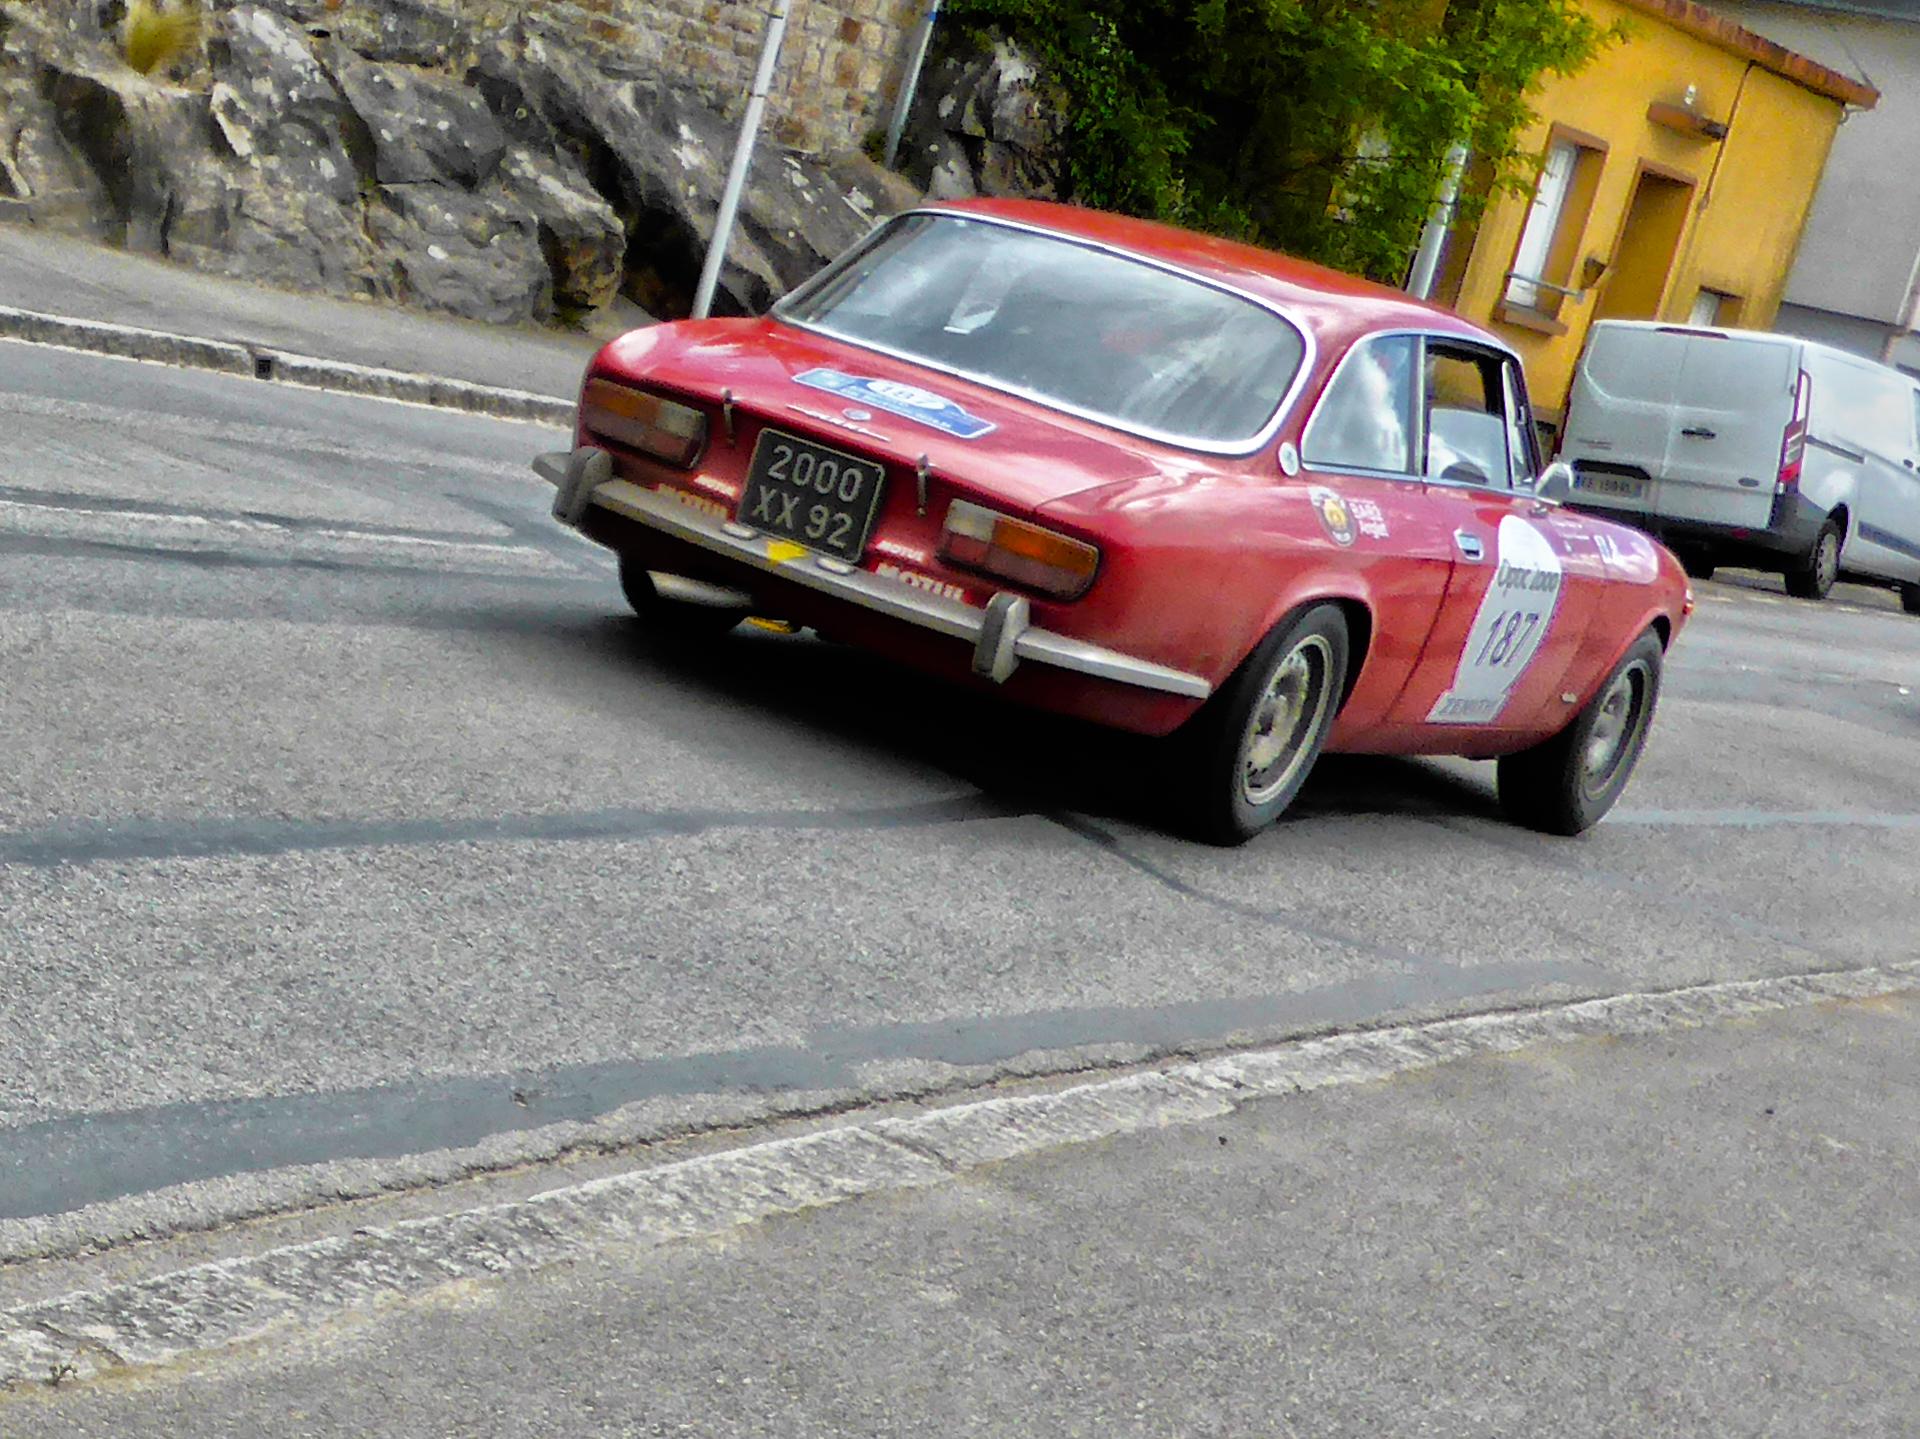 Alfa Romeo 2000 GTV - 1971 - Tour Auto 2017 - photo by ELJ - DESIGNMOTEUR